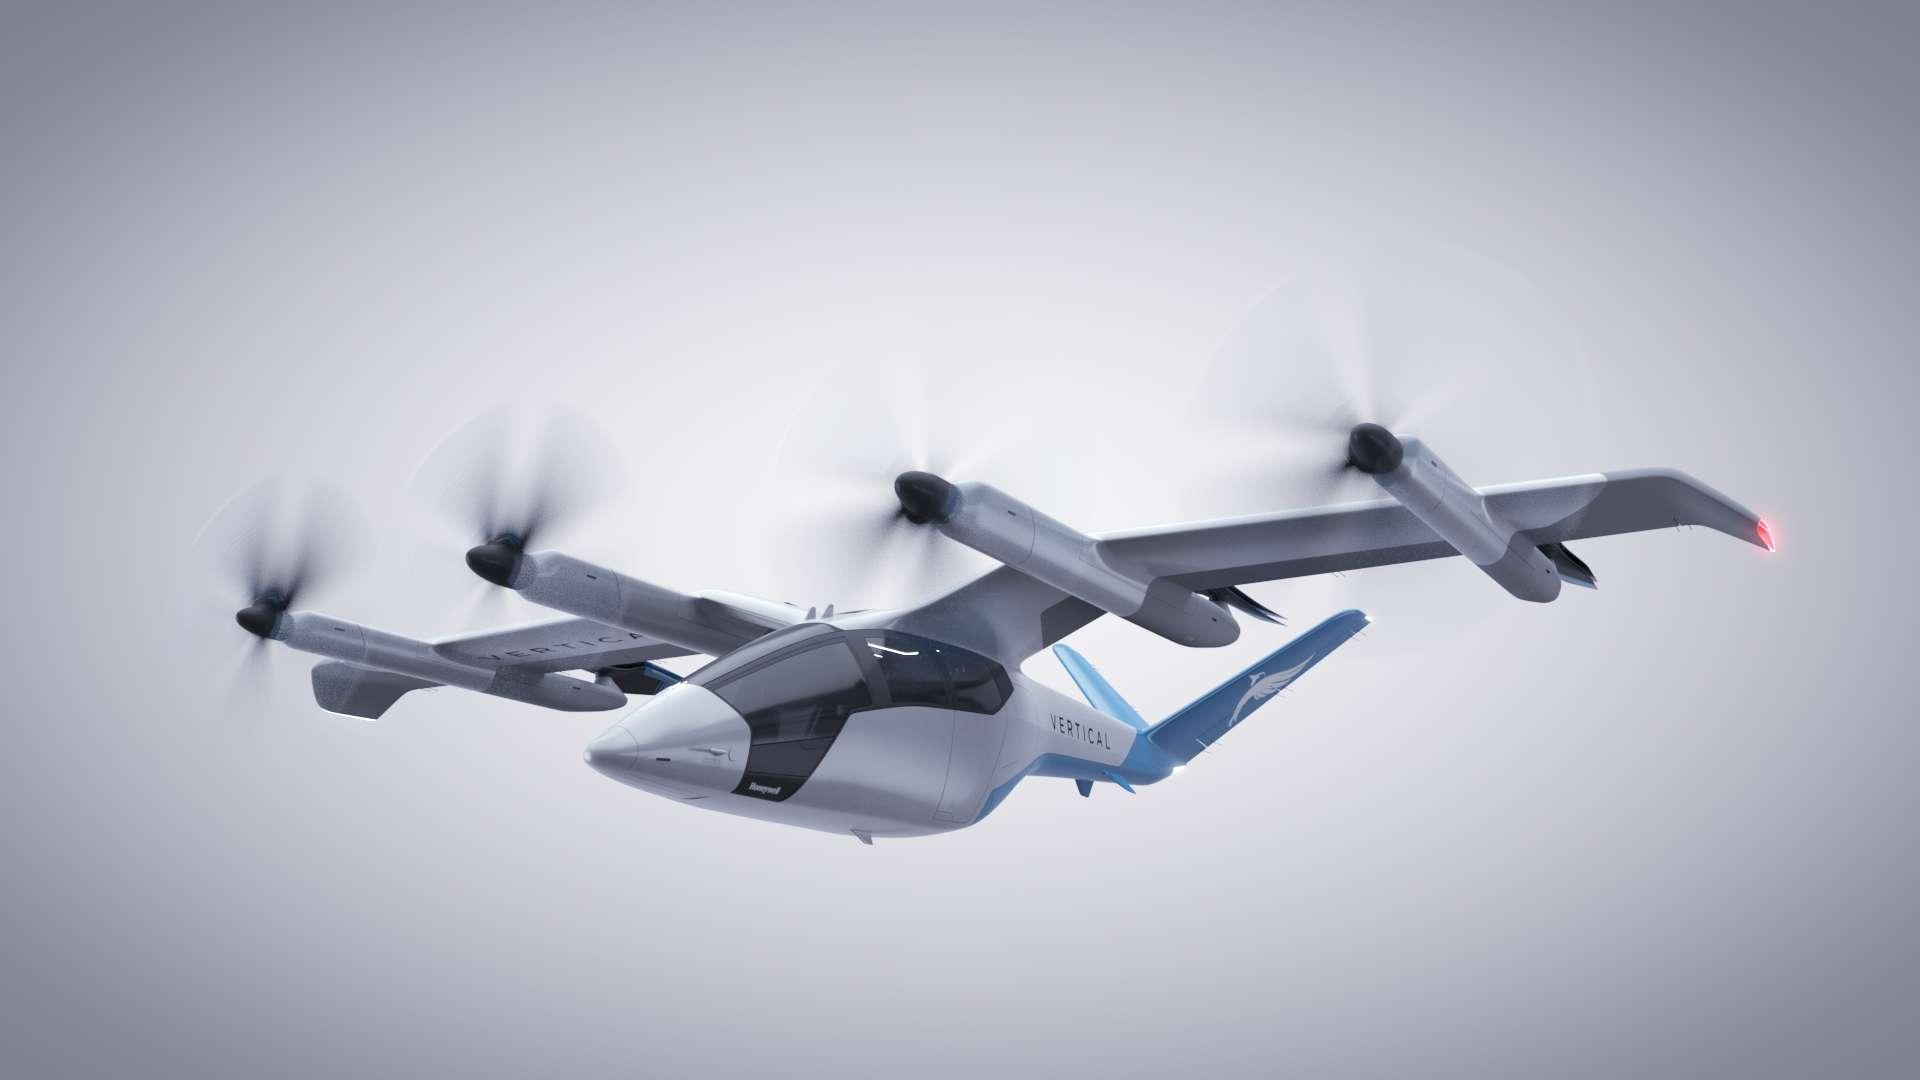 Le taxi volant VA-X4 de Vertical Aerospace promet d'être 100 fois plus silencieux qu'un hélicoptère. © Vertical Aerospace